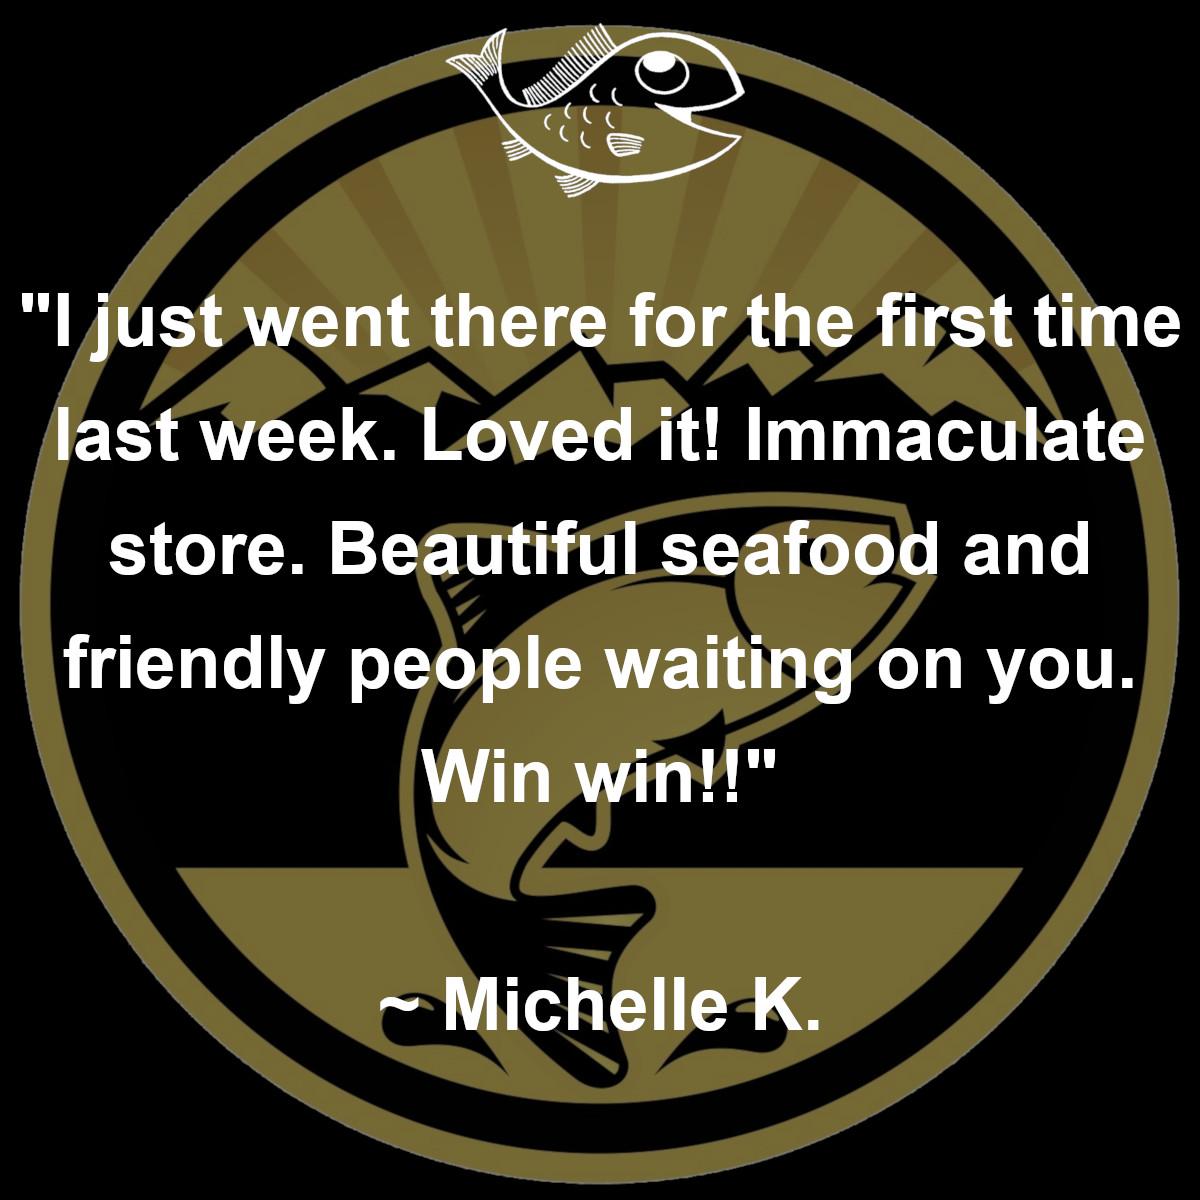 8-Michelle K_SGS